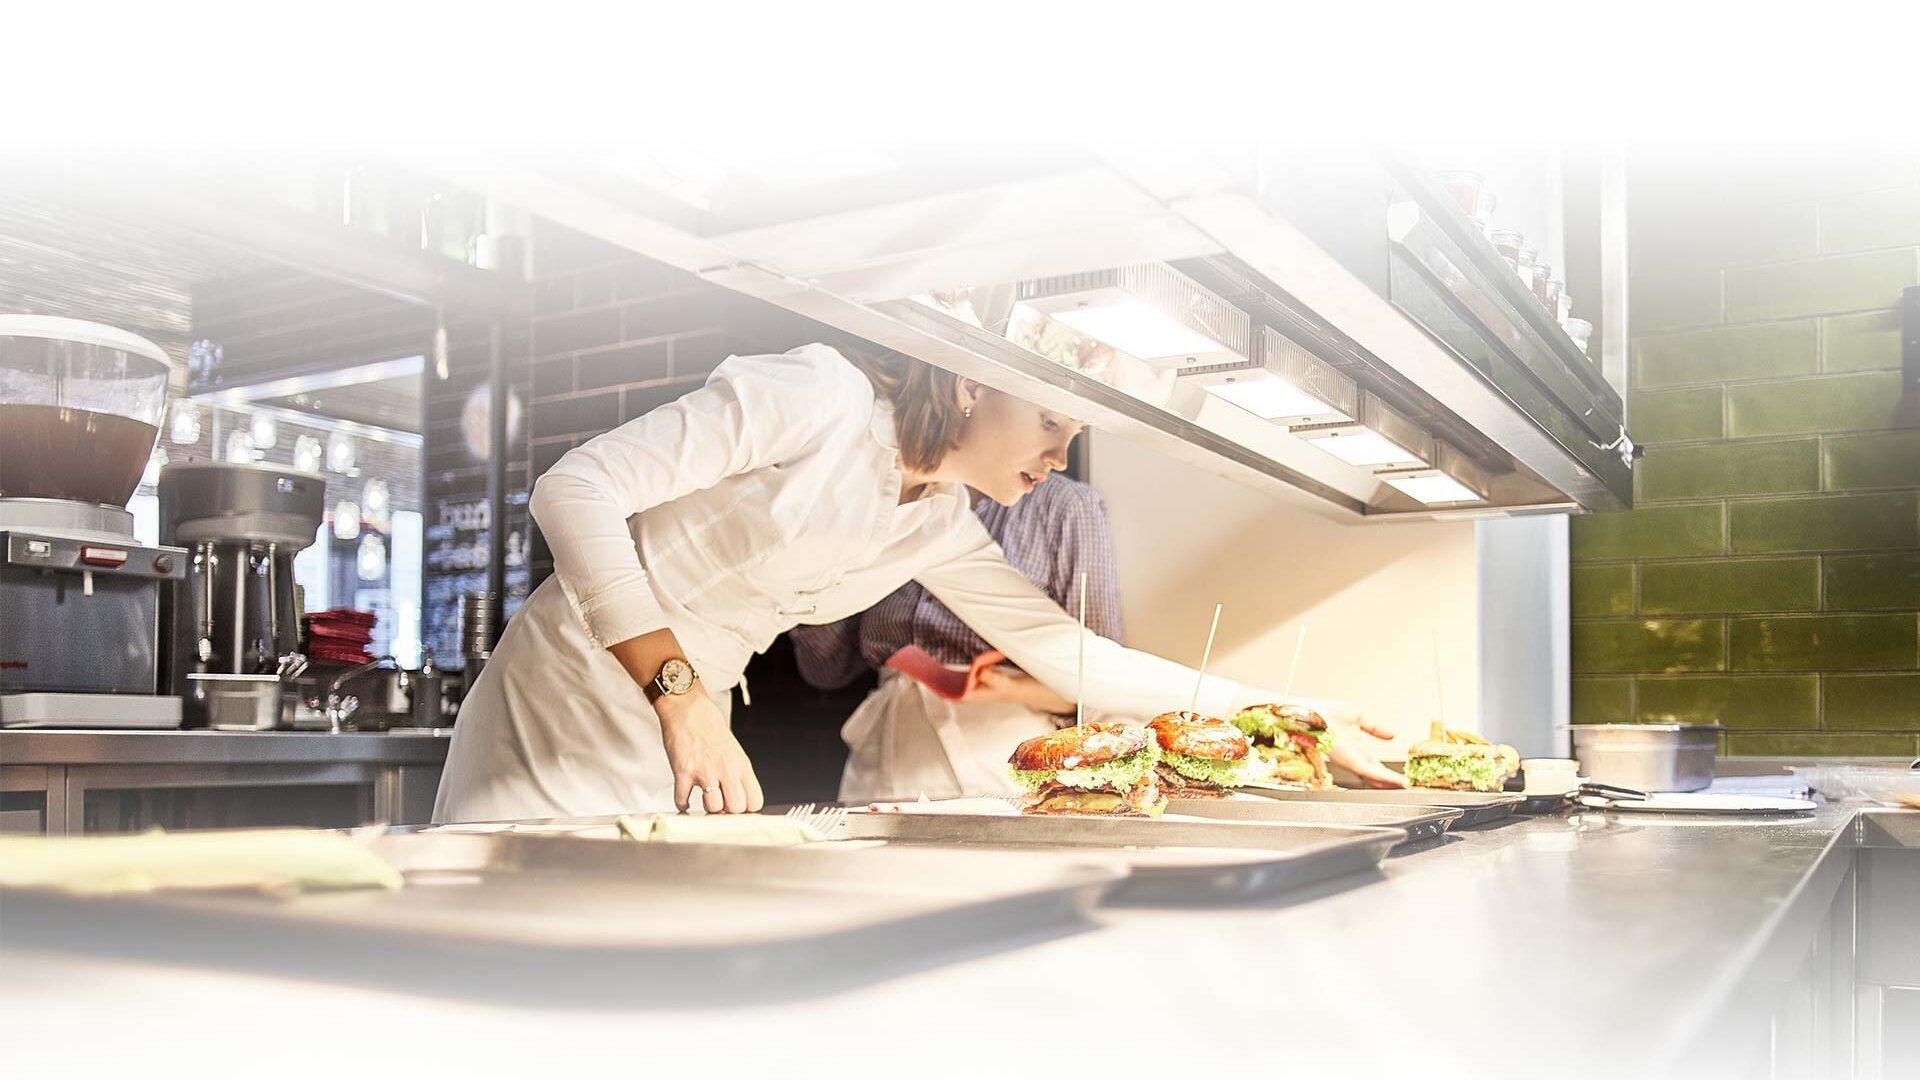 Kitchen work gastronomy